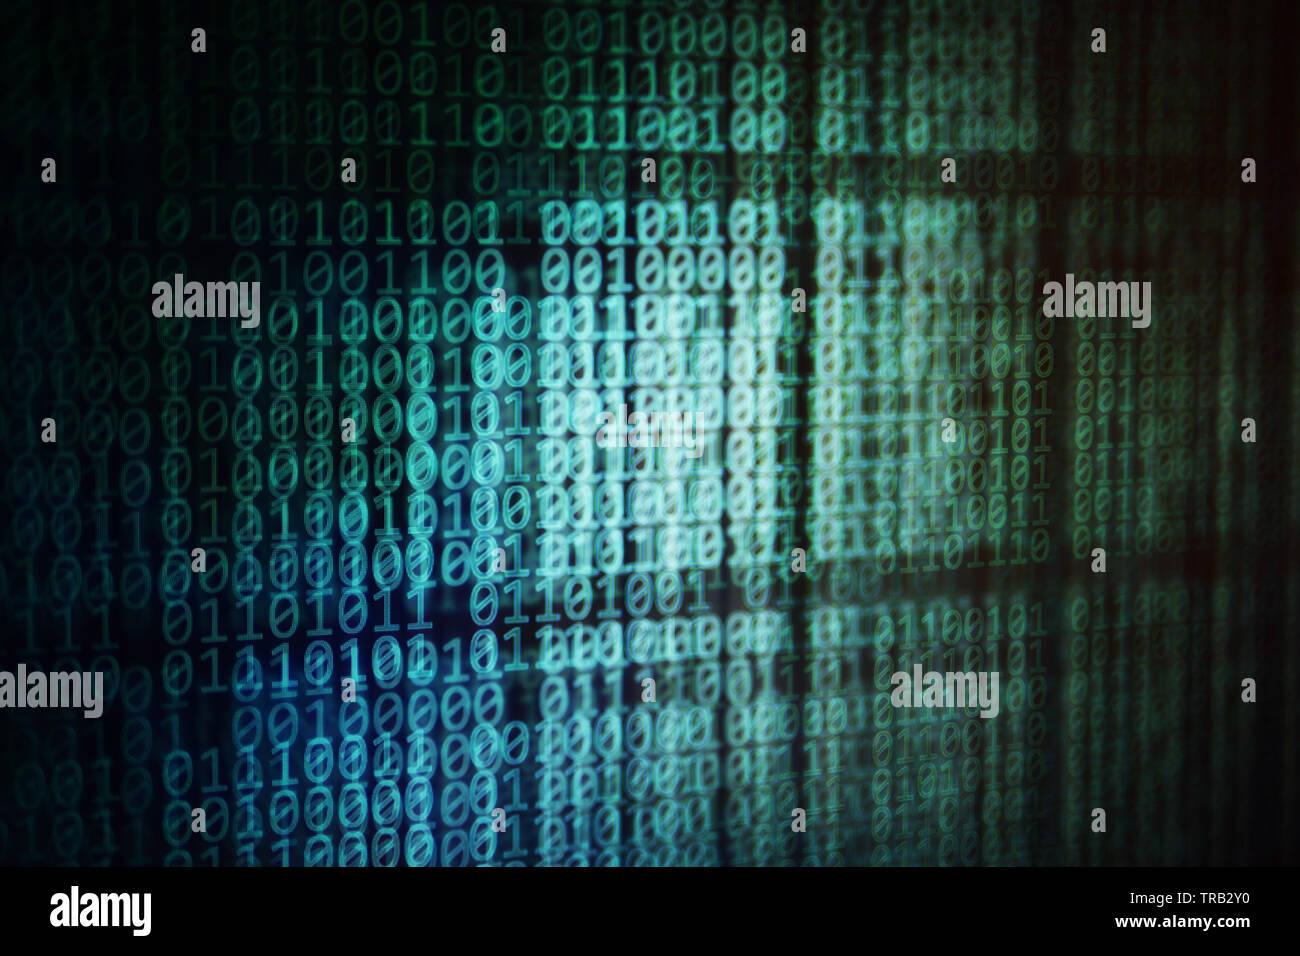 Messaggio nascosto. strati di dati nascondendo dietro altri strati di dati. Cavalli di Troia, spyware, malware e virus concetti. finti e giace in internet me Immagini Stock